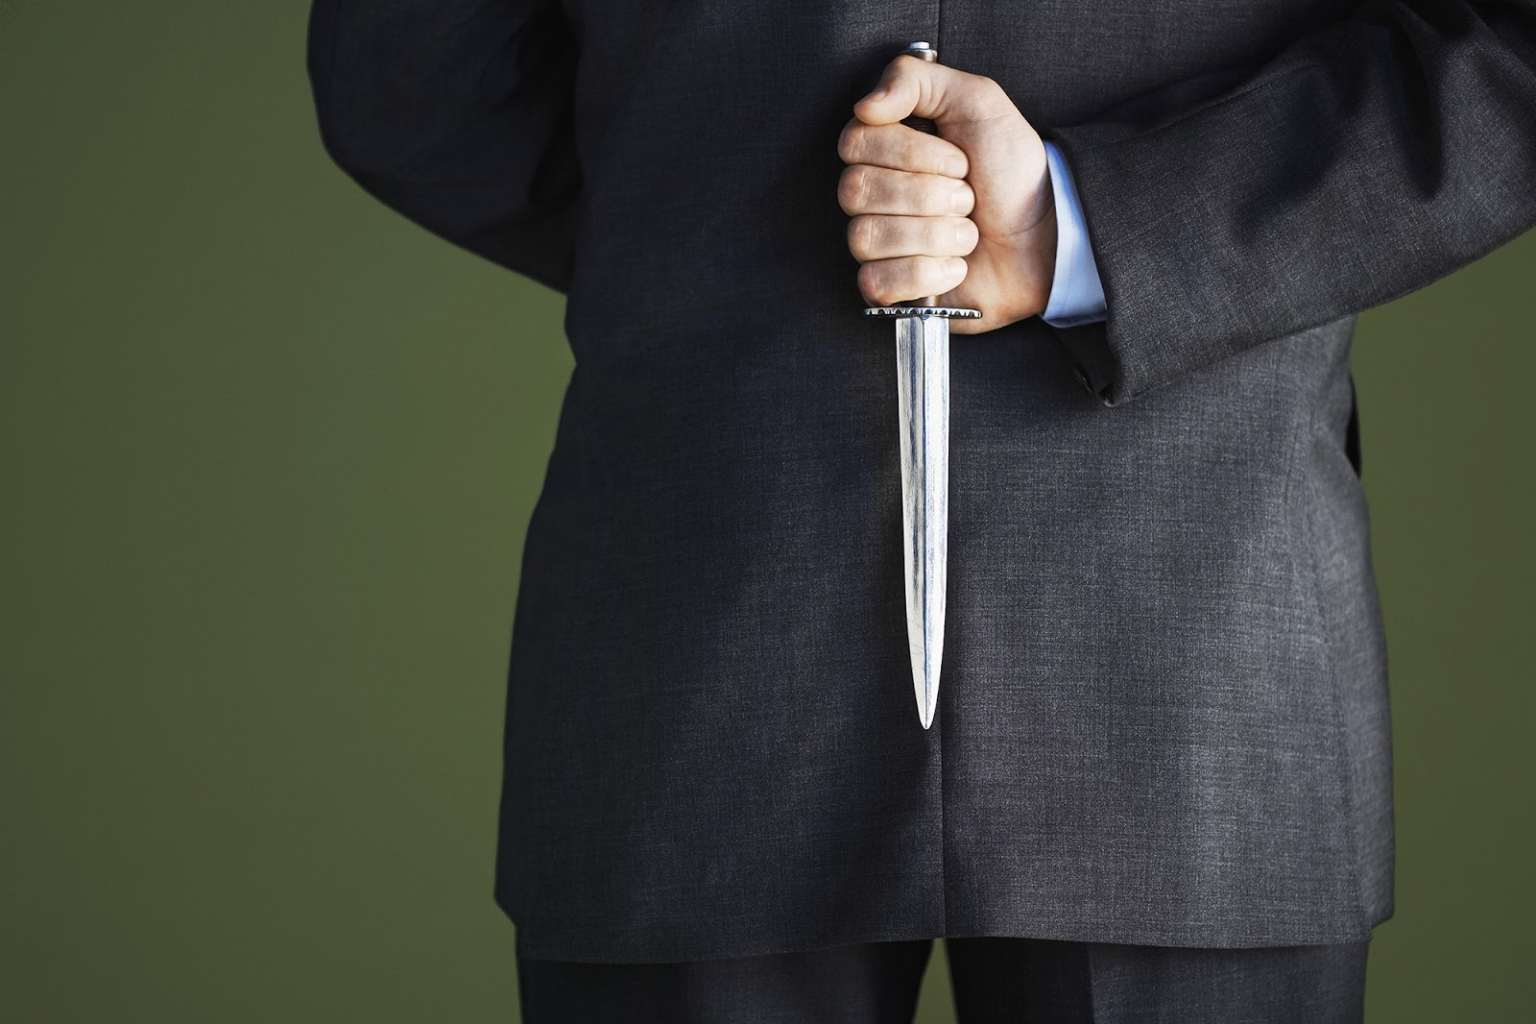 Mörder mit Messer